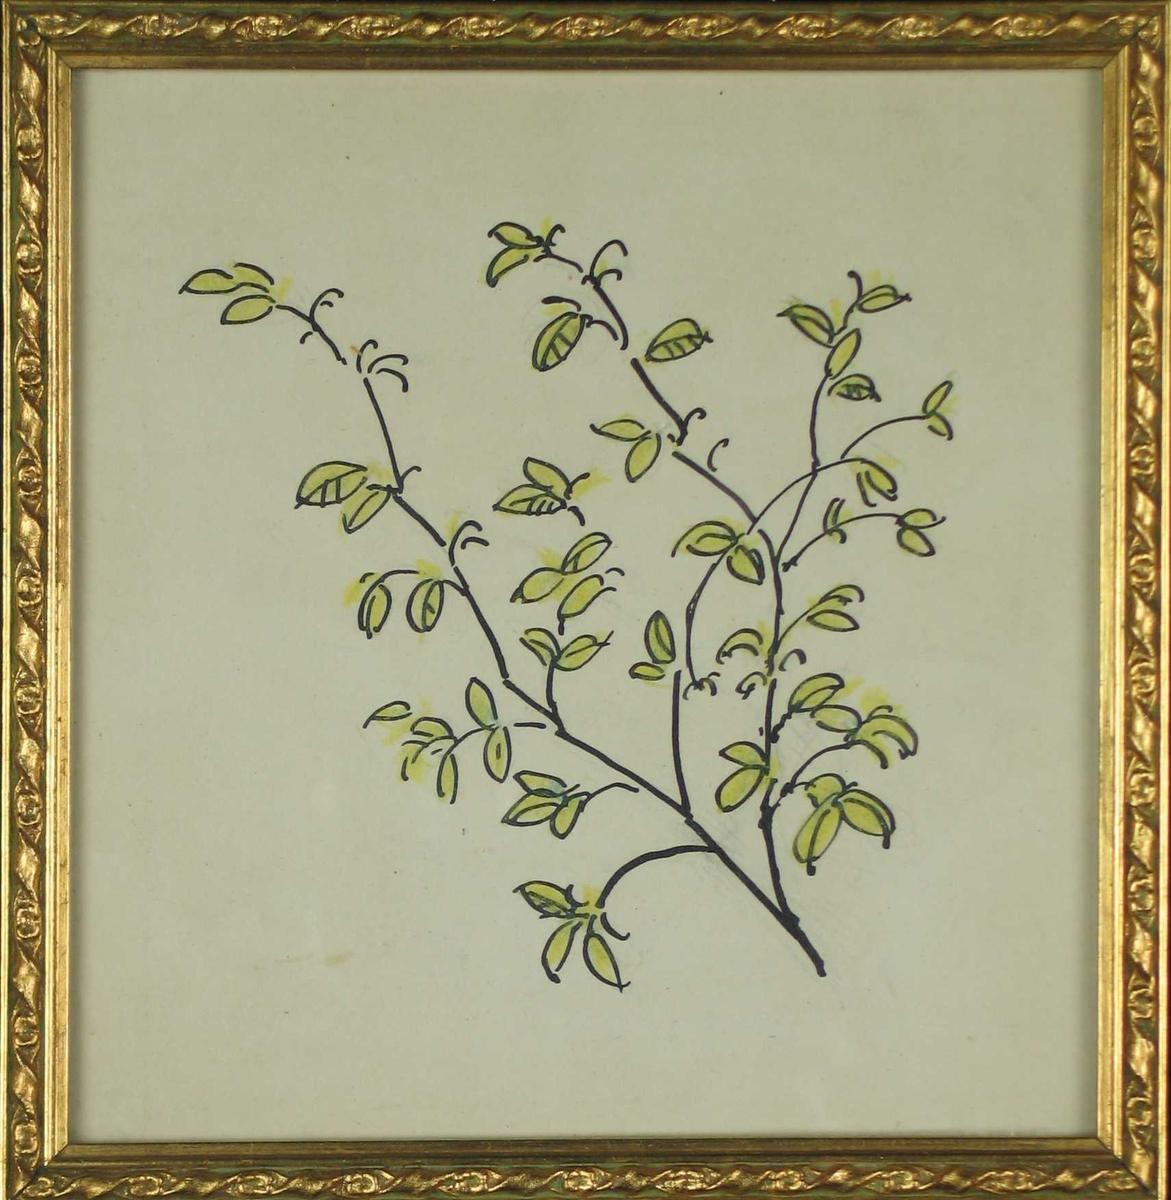 Tegning av en gren i forgylt mønstret ramme.